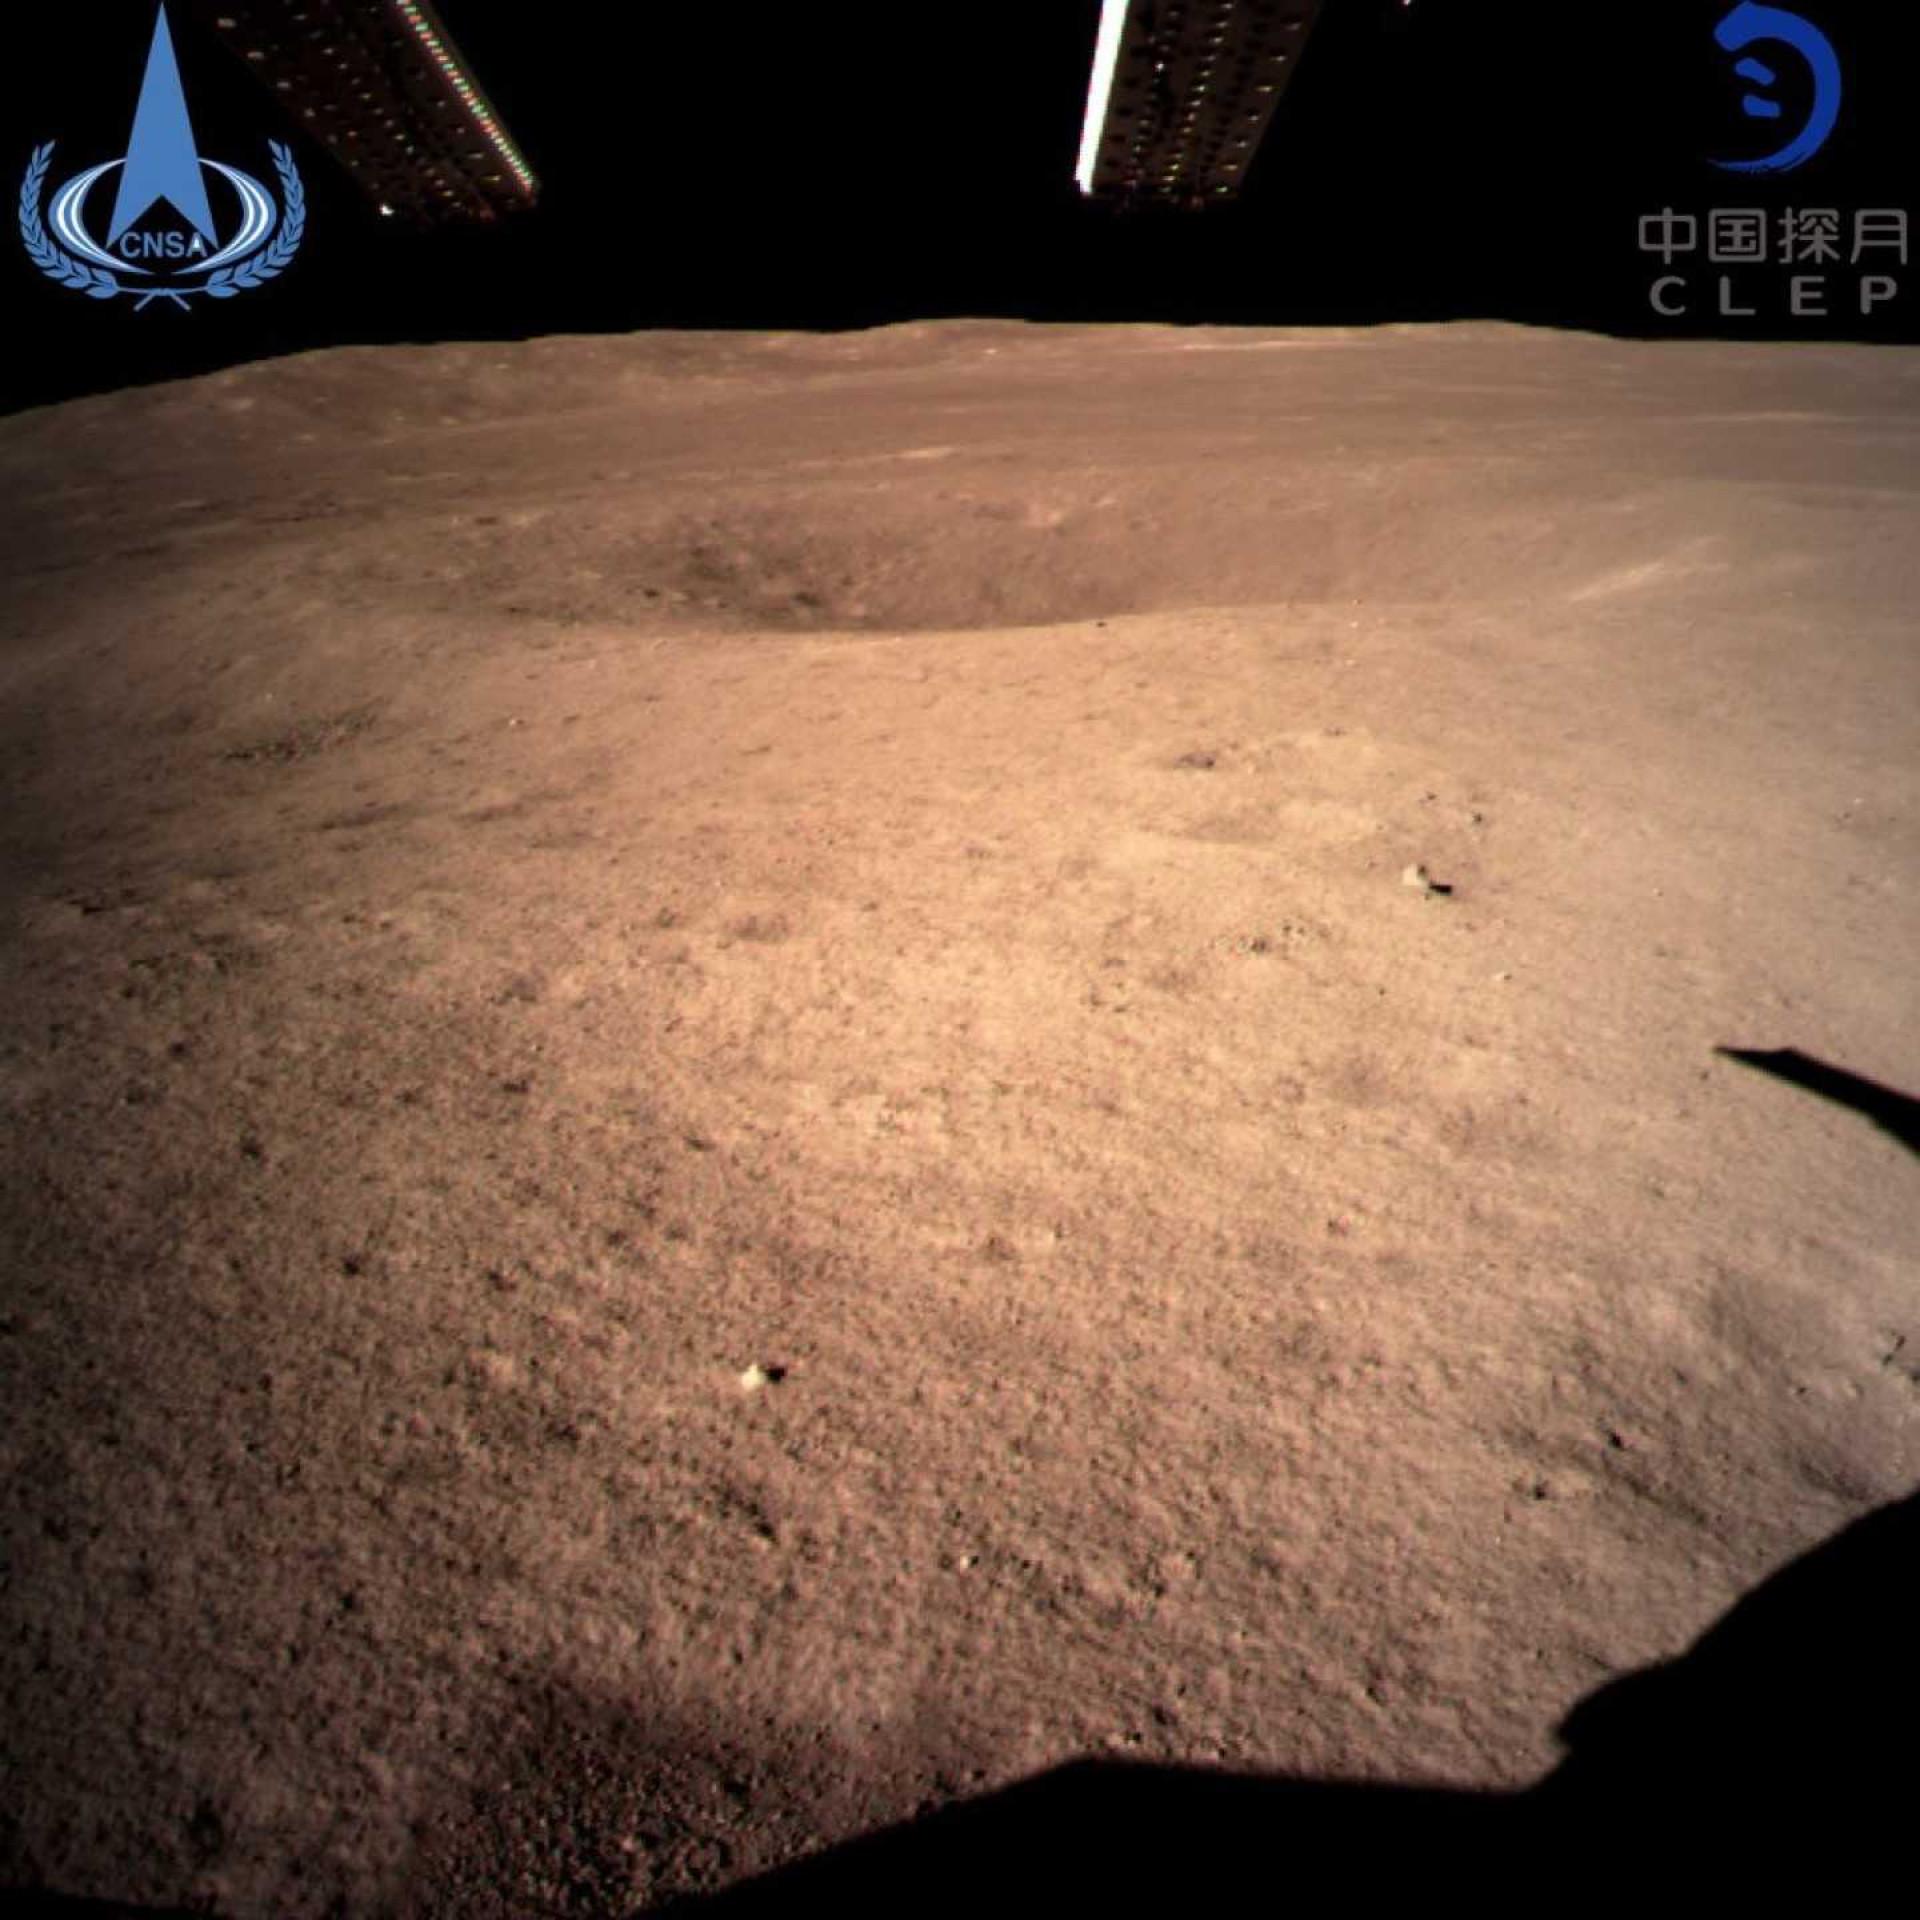 Sonda chinesa partilha fotografia do lado oculto da Lua